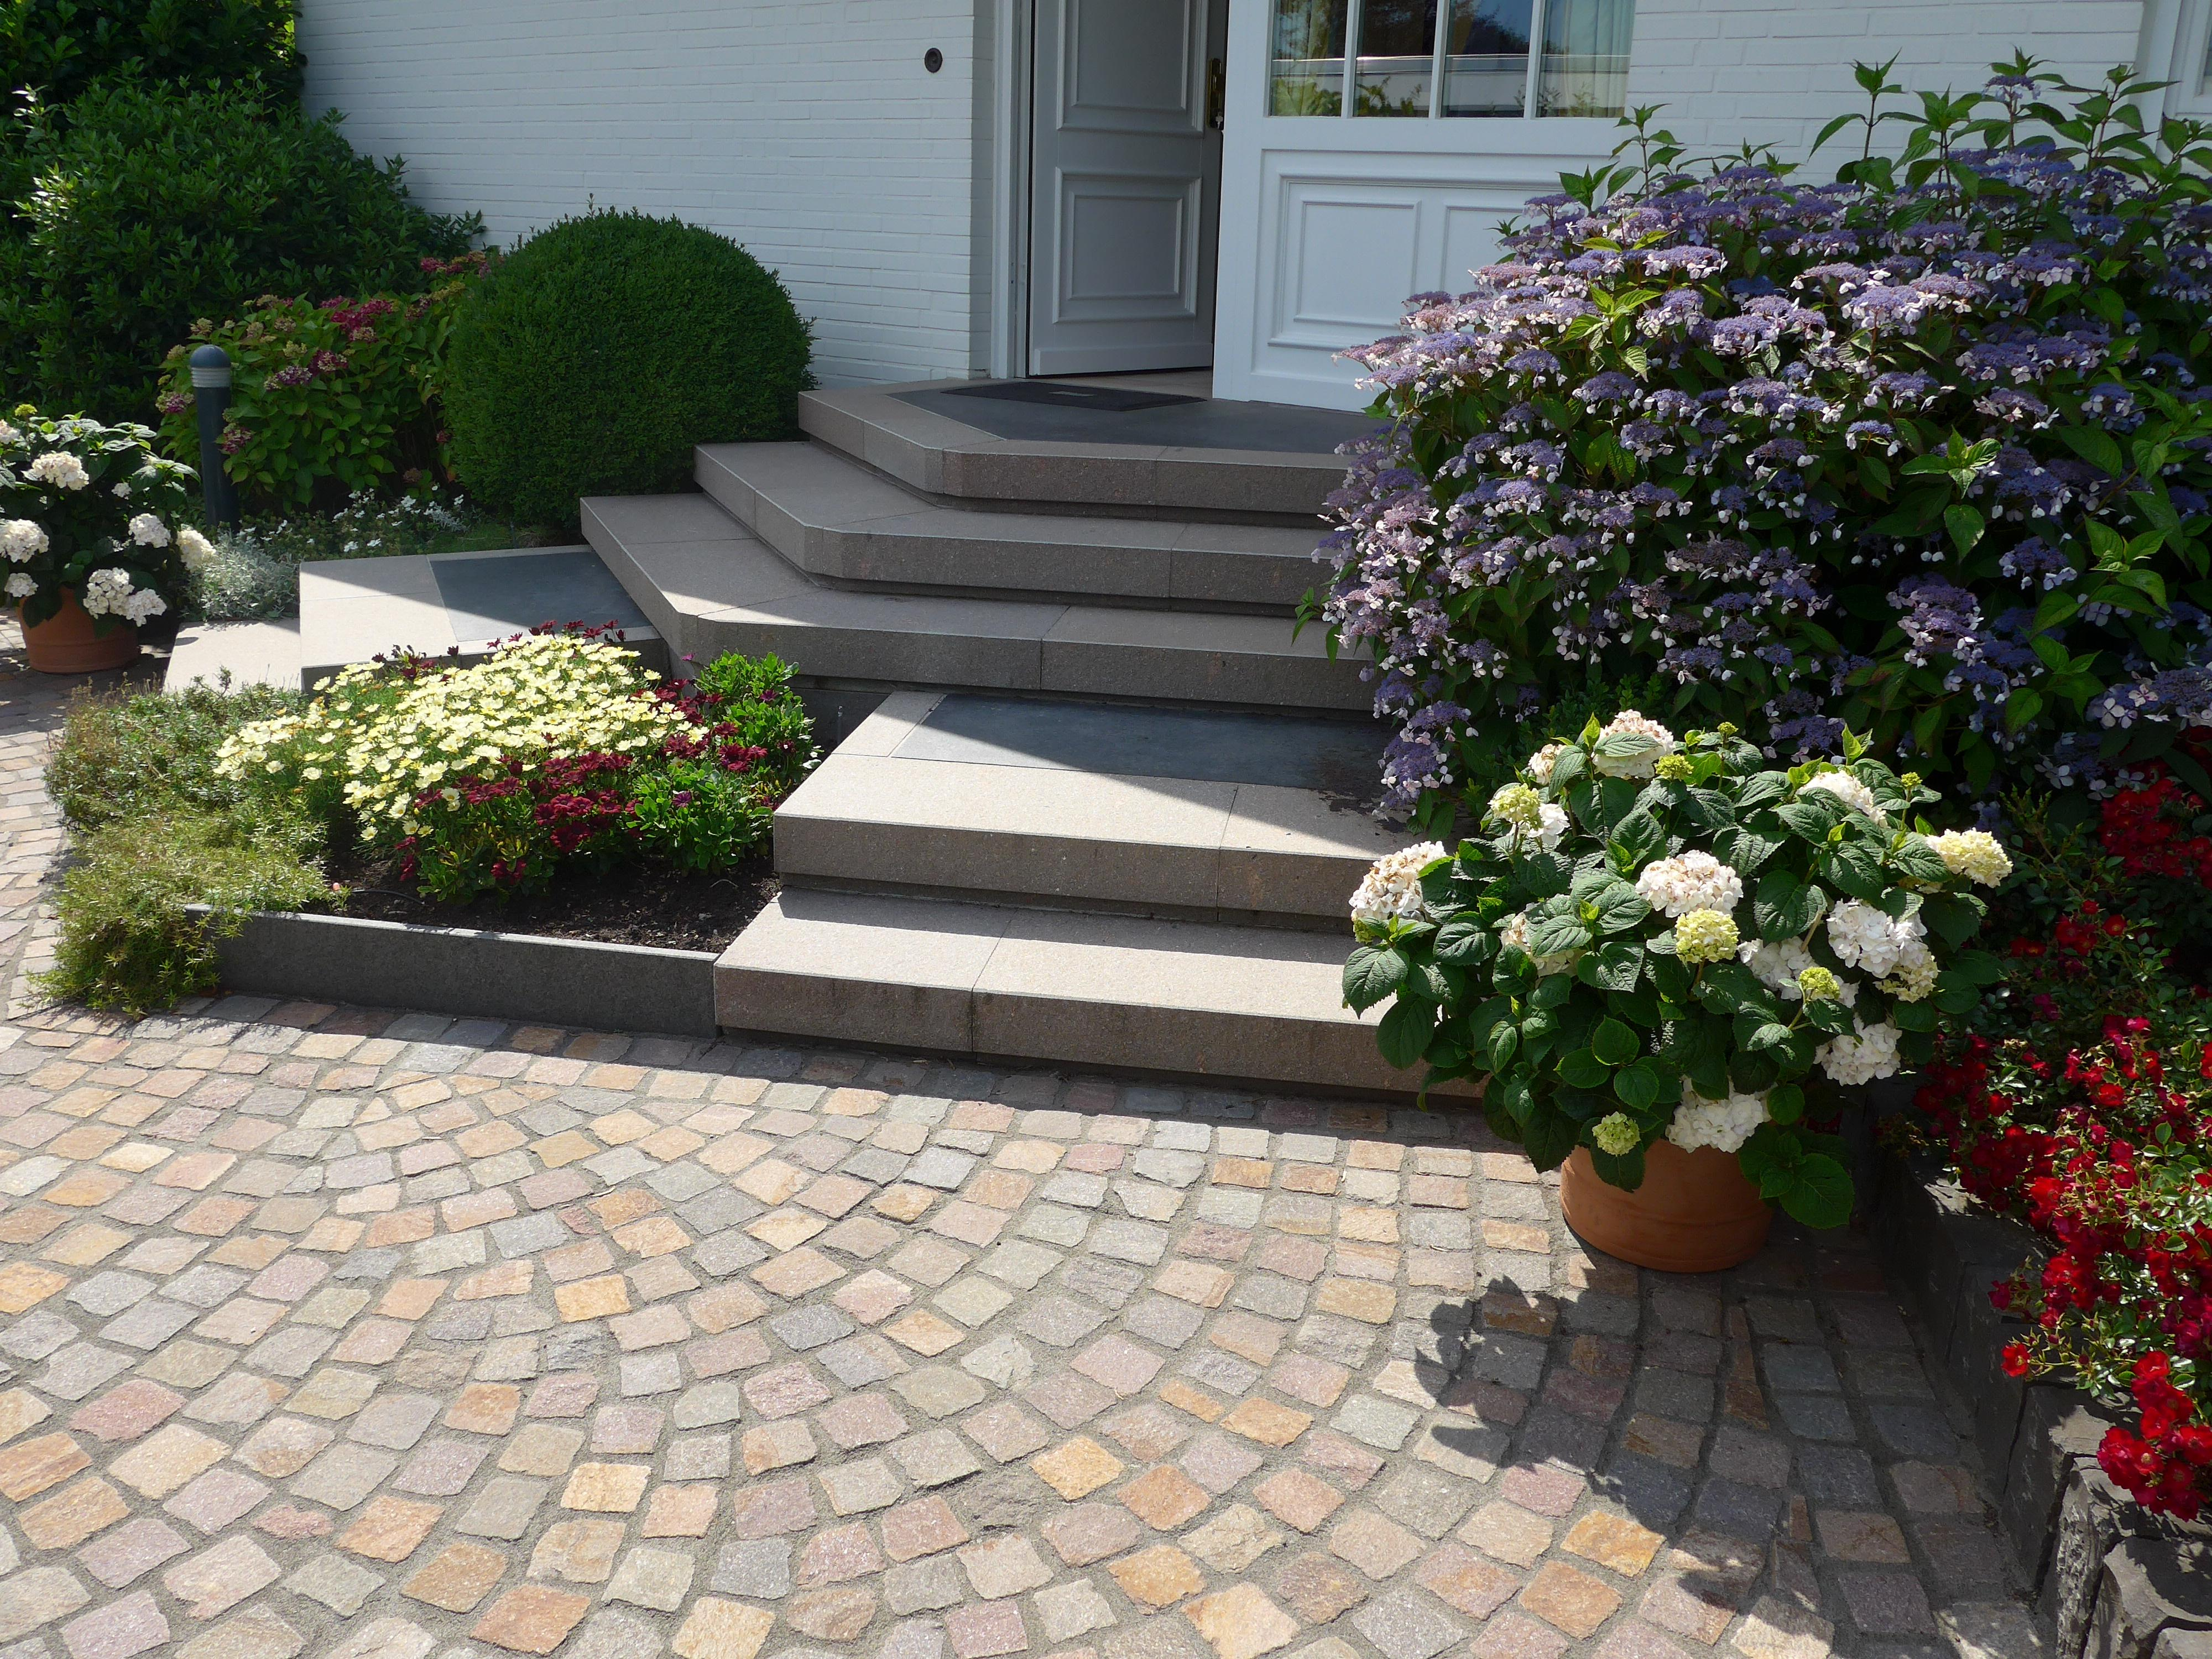 privatgarten in pinneberg gartengestaltung heinz scharnweber garten und landschaftsbau gmbh - Gartengestaltung Reihenhaus